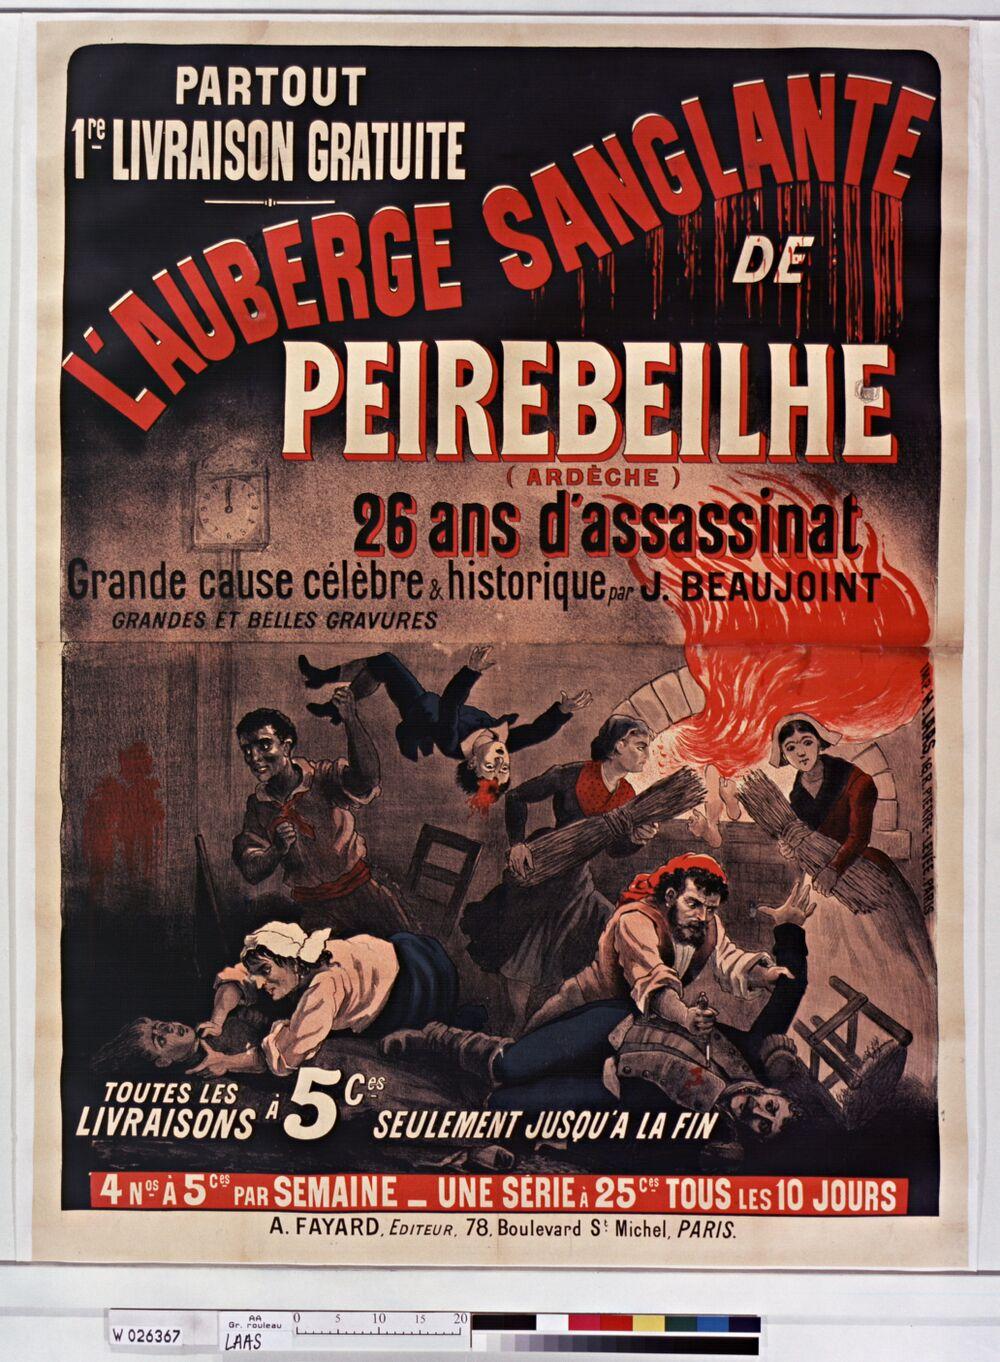 Partout 1re livraison gratuite. L'Auberge sanglante de Peirebeilhe (Ardèche), par J. Beaujoint... A. Fayard Editeur : [affiche] / [non identifié]